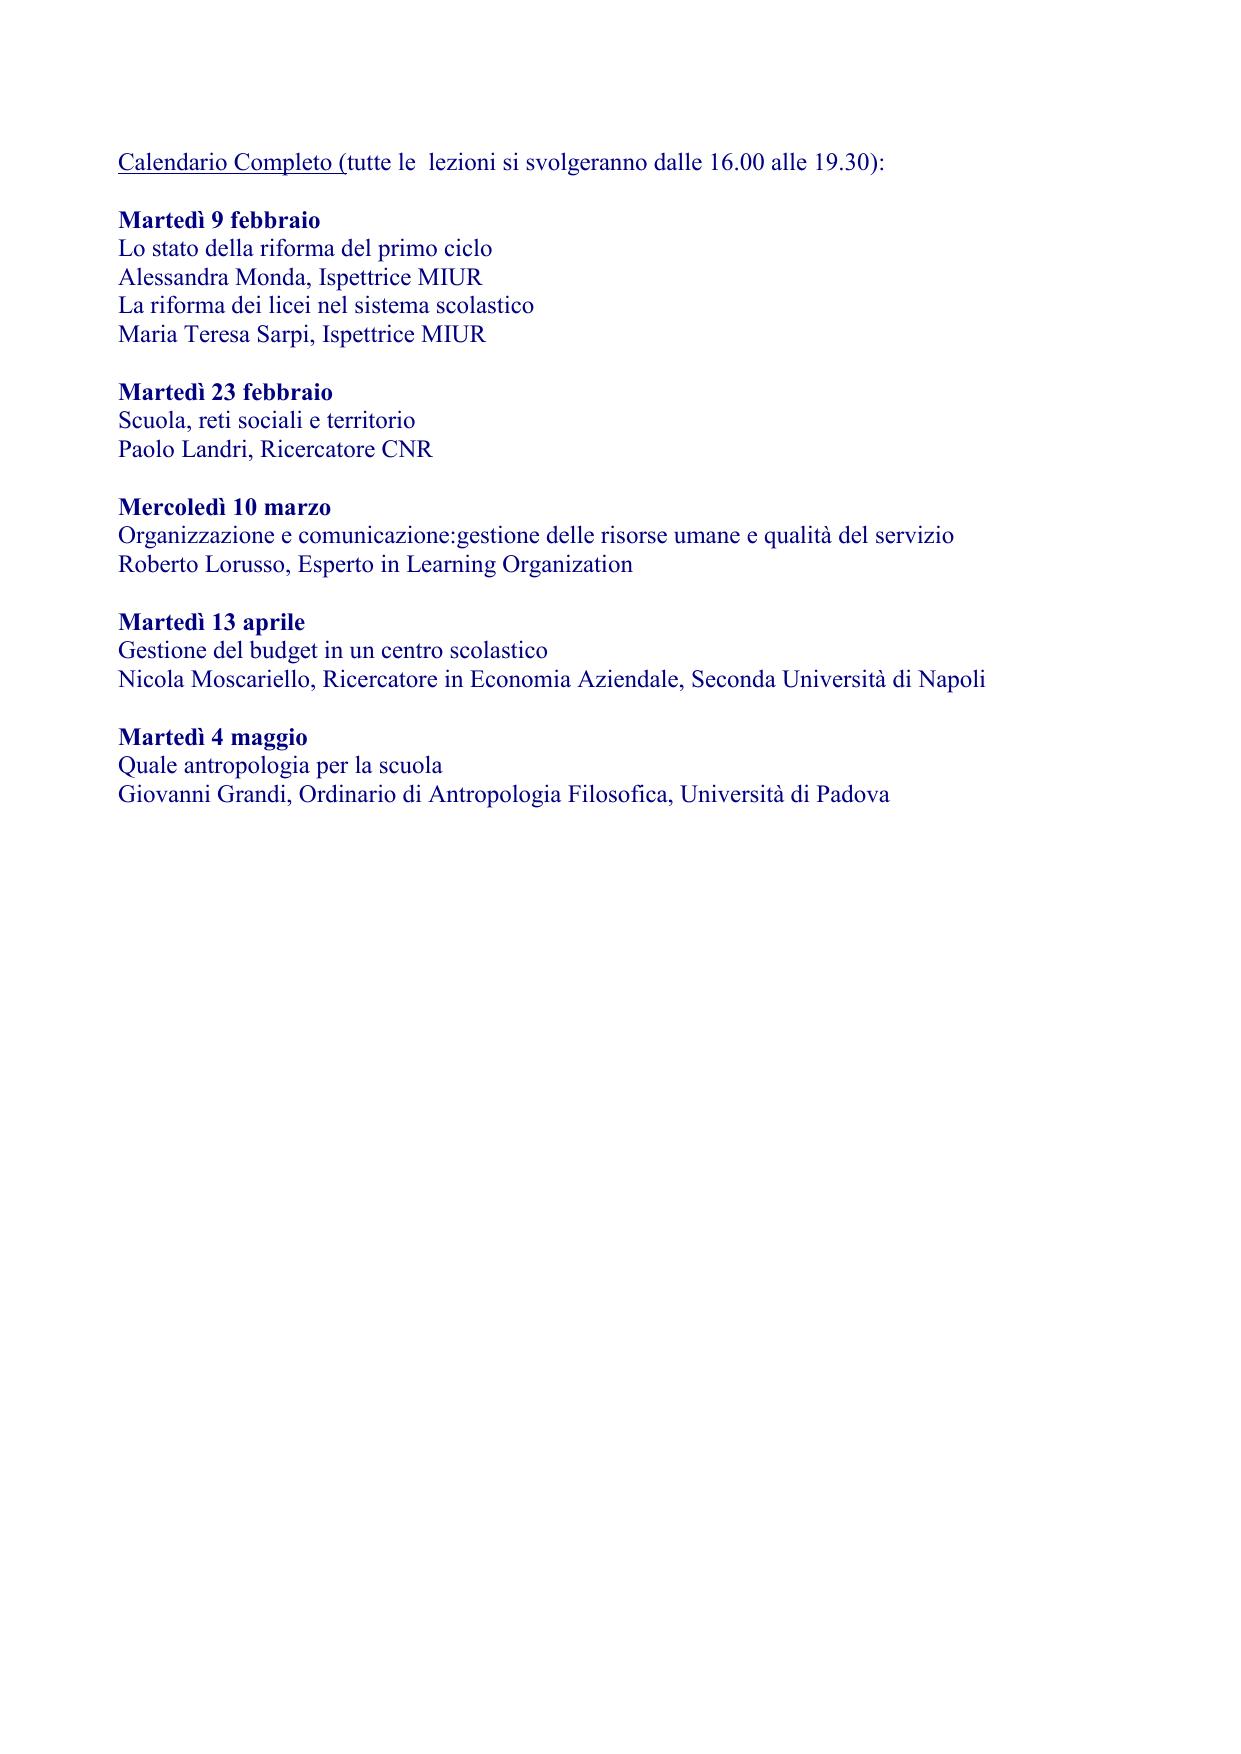 Calendario Esami Unibg Economia.Giorn Studio Programma Ipe Istituto Per Ricerche Ed Attivita